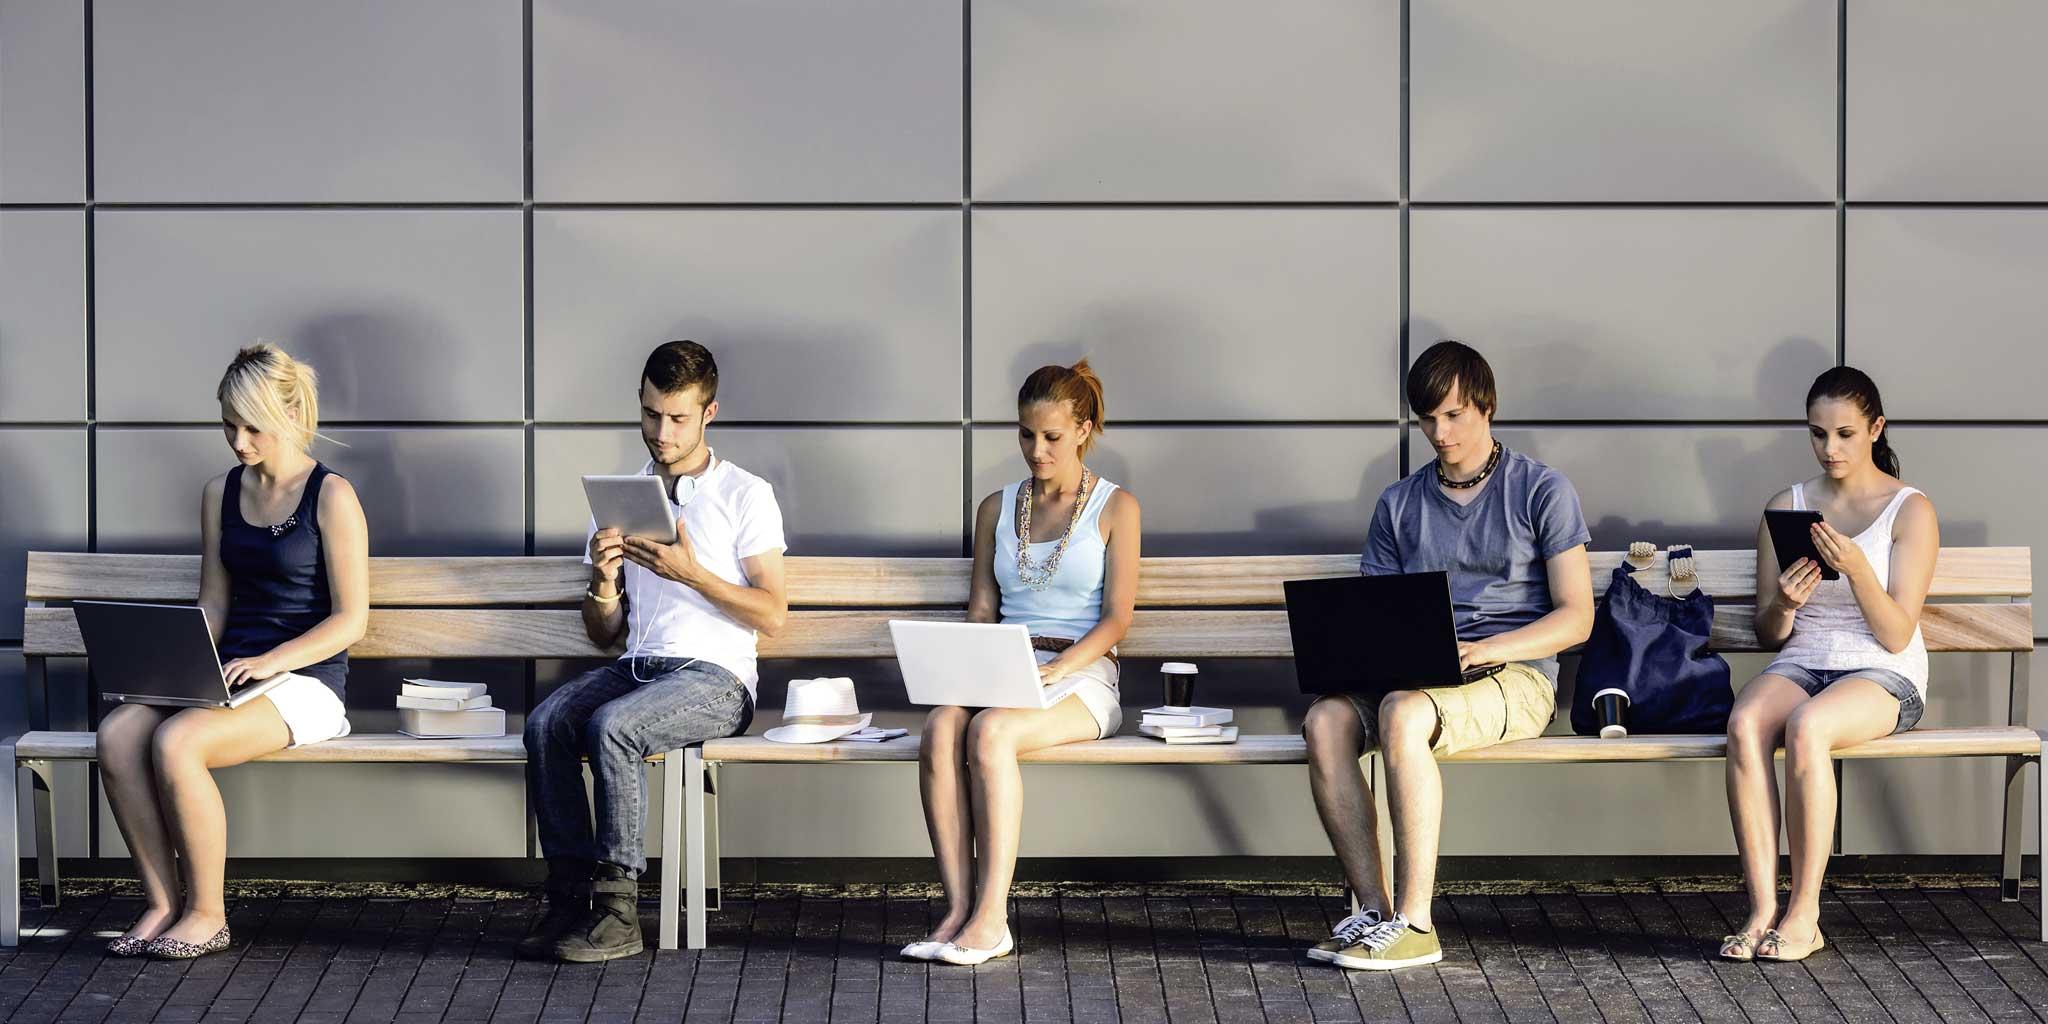 Vijf jongeren op een bankje met elk een elektronisch toestel in de hand